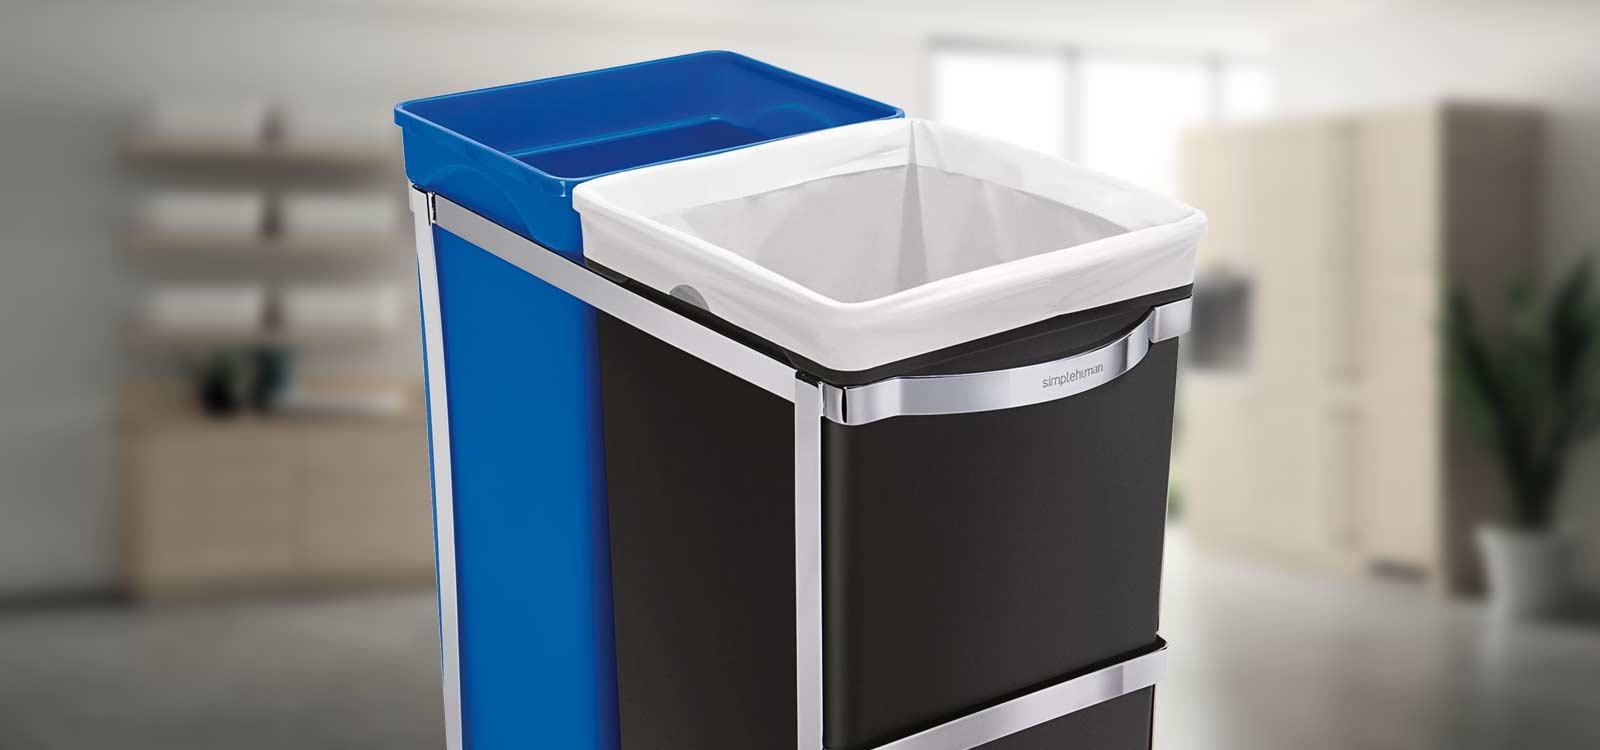 inbouw-prullenbak-afvalbak-keuken-keukenkastje